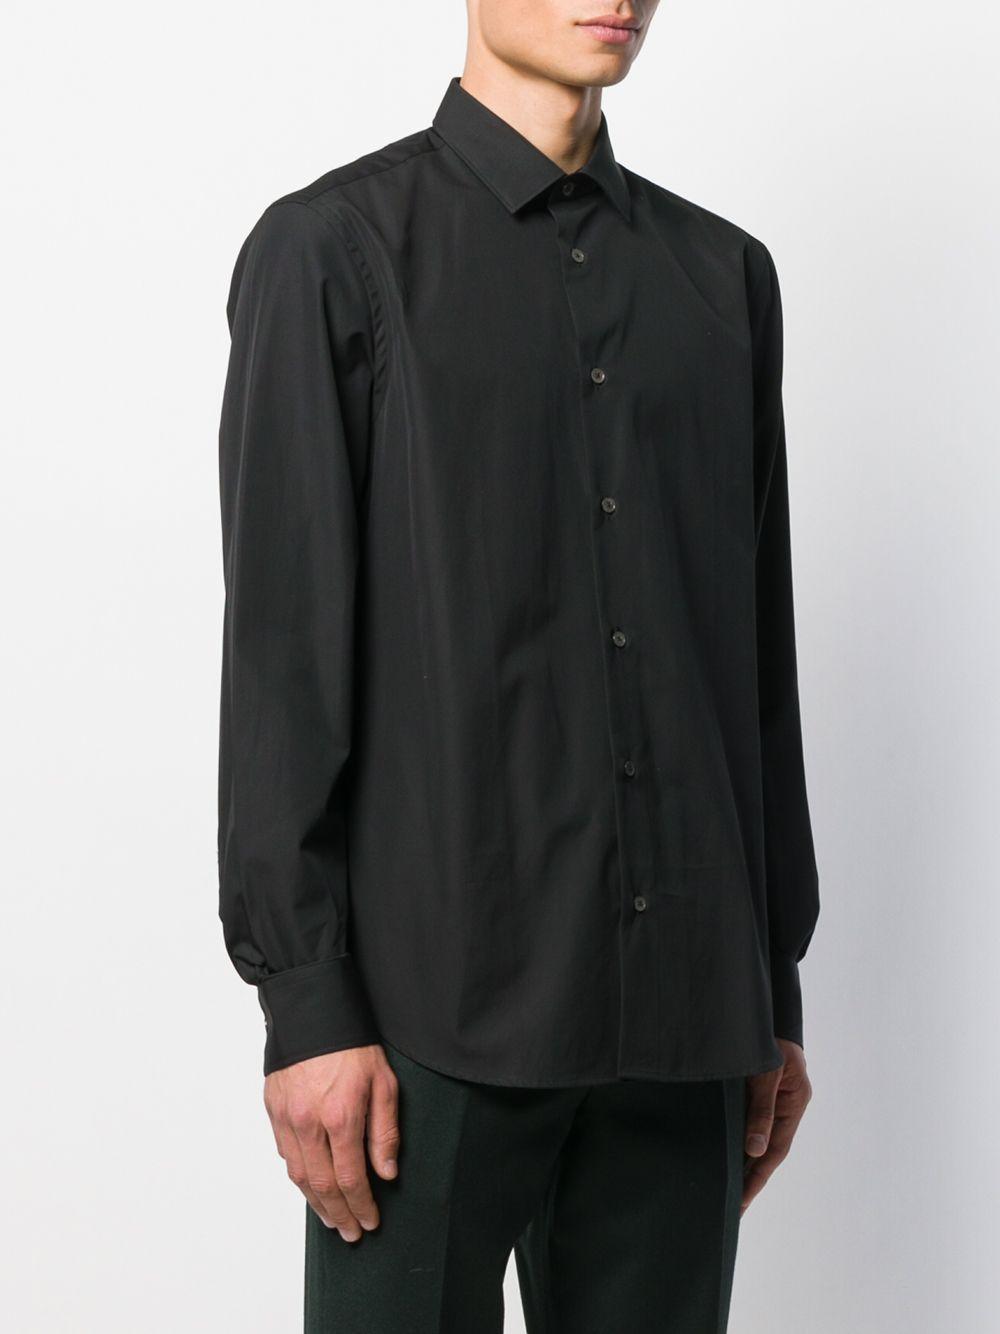 Paul Smith Katoen Popeline Overhemd in het Zwart voor heren